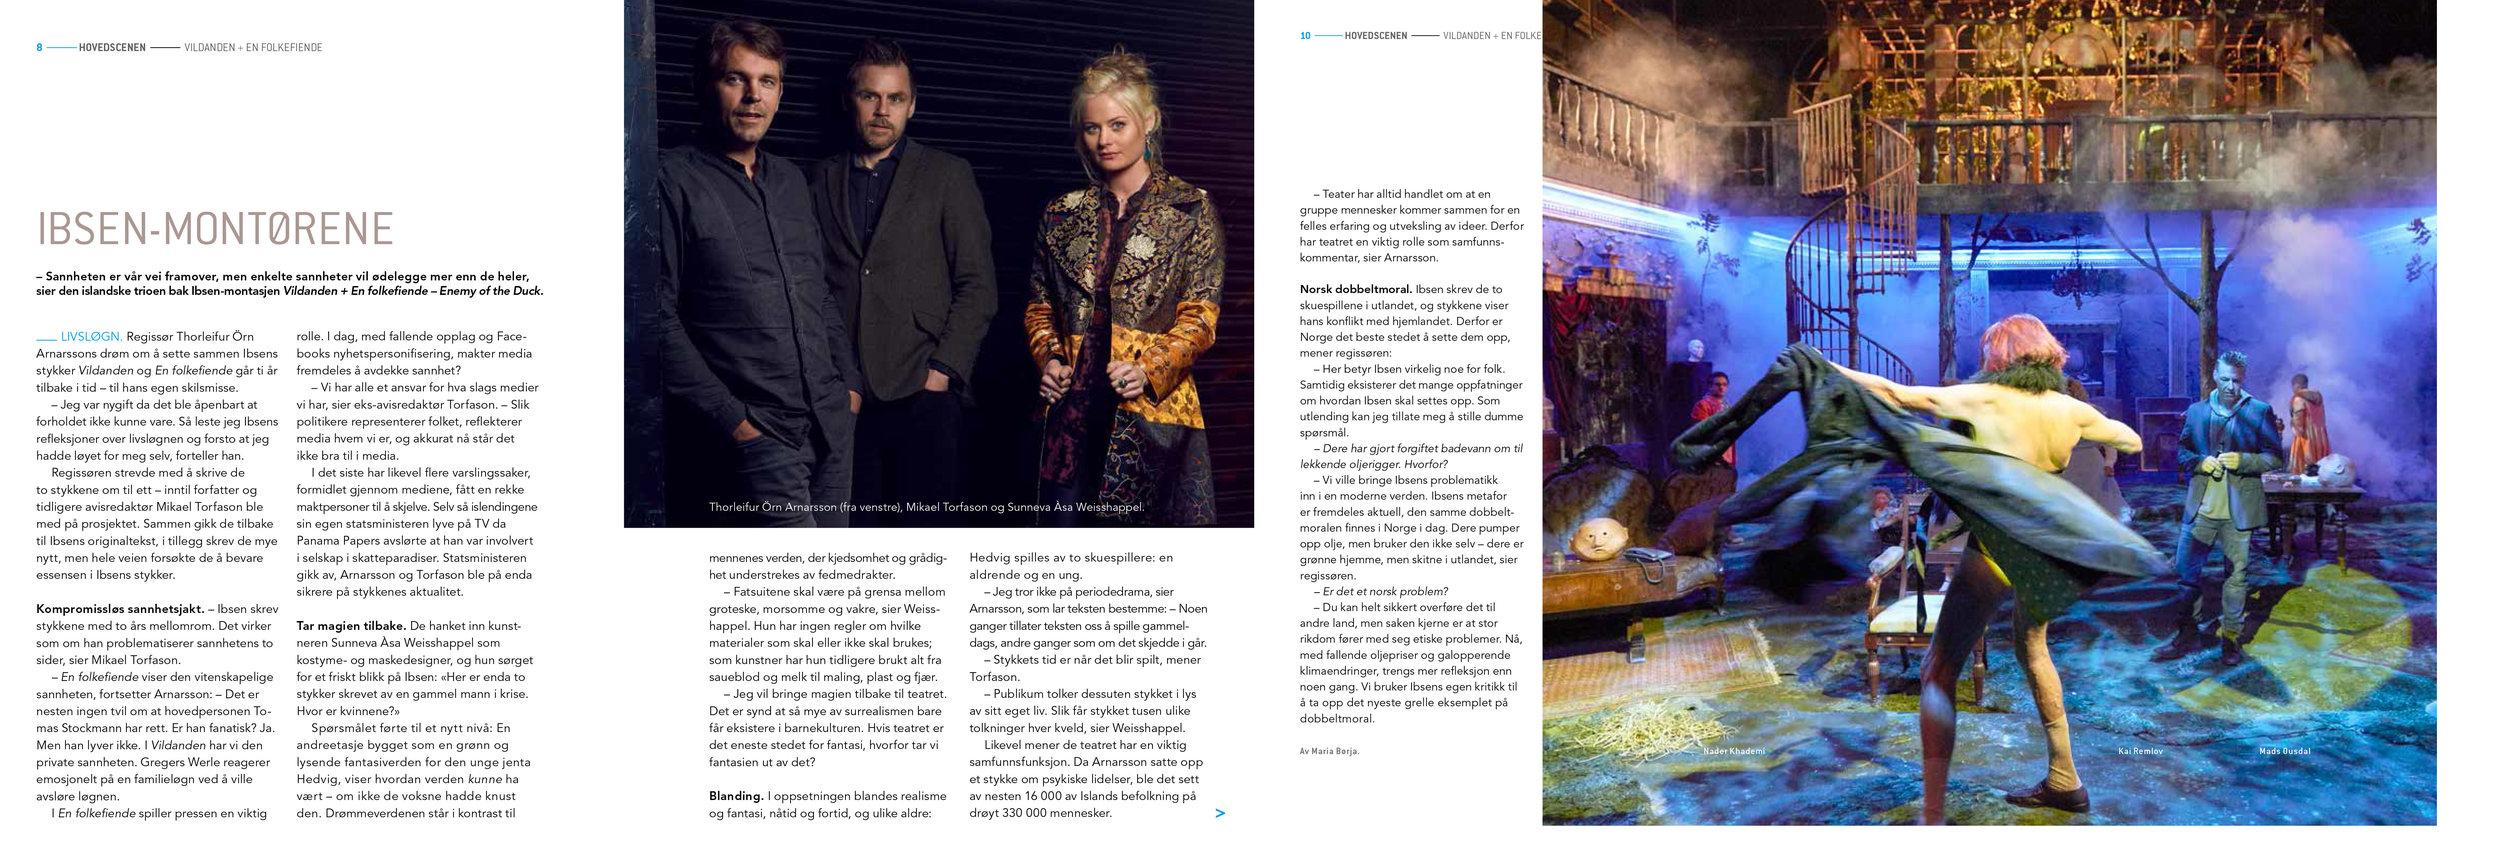 Denne islandske teatertrioen  har hatt  suksess i Tyskland og  gjort rent bord på Island. Nå står Oslo for tur. Faksimile fra programmet. Foto: Øyvind Eide